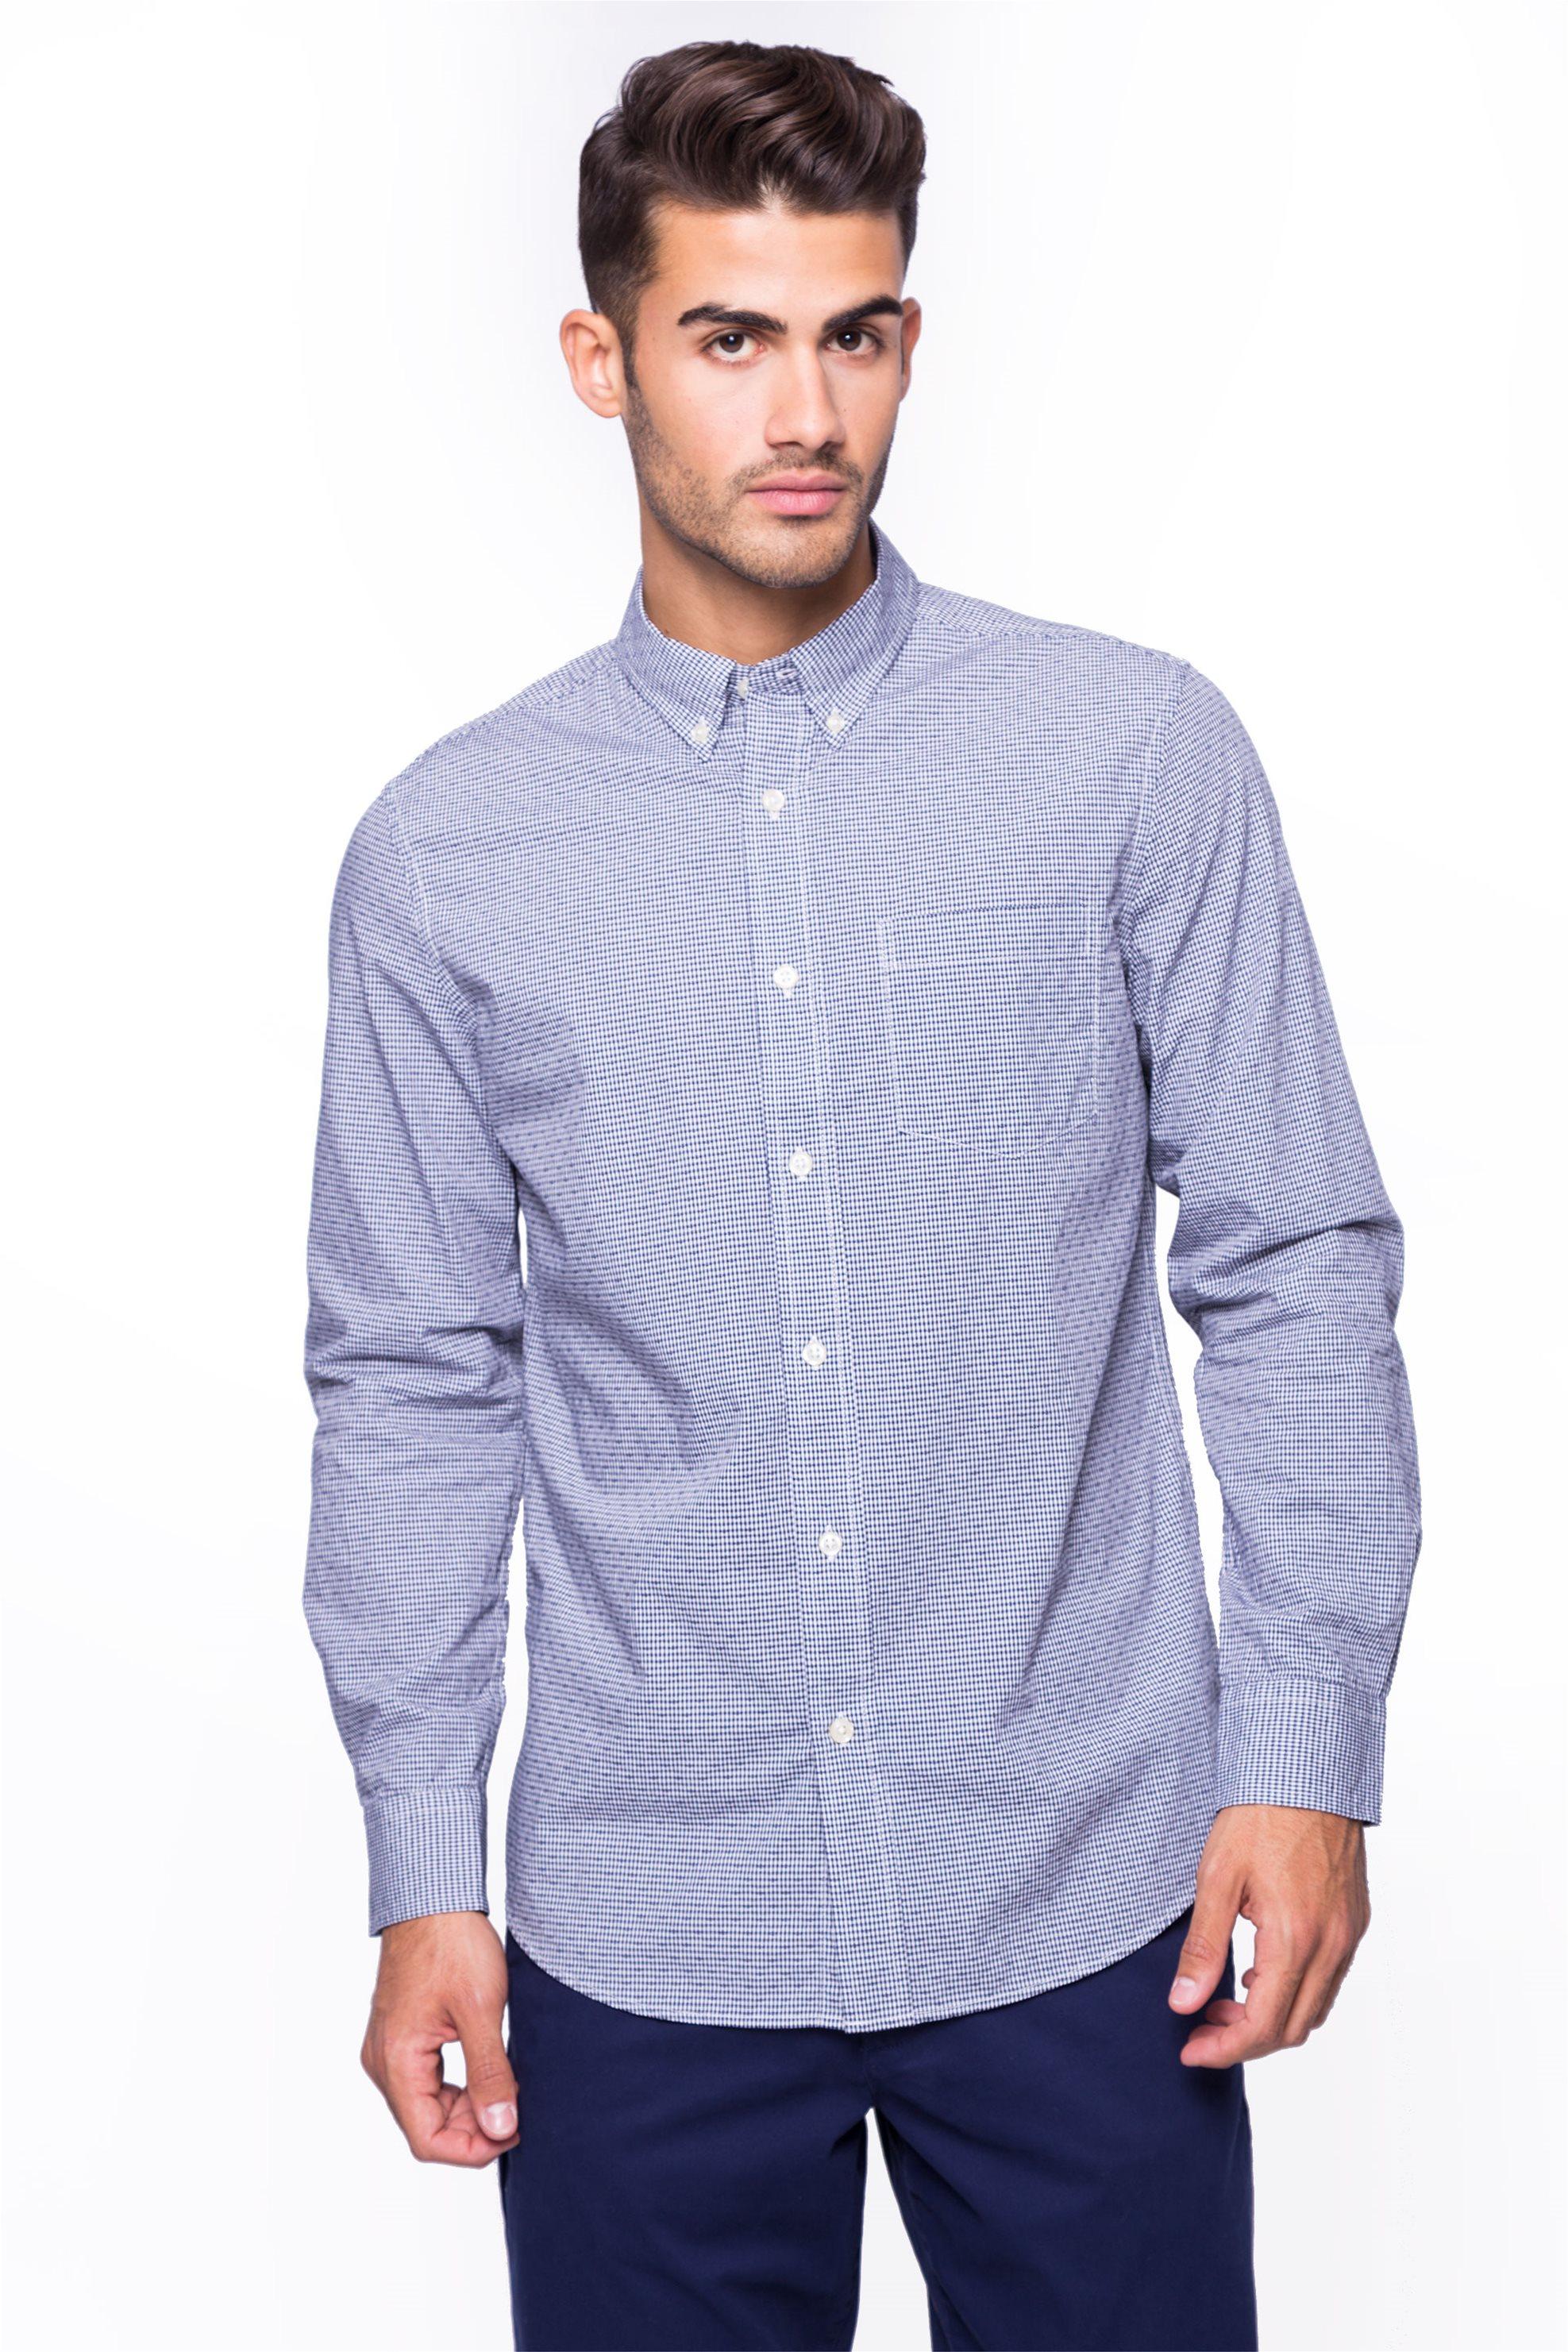 Ανδρικό πουκάμισο Chaps - 750662257001 - Μπλε